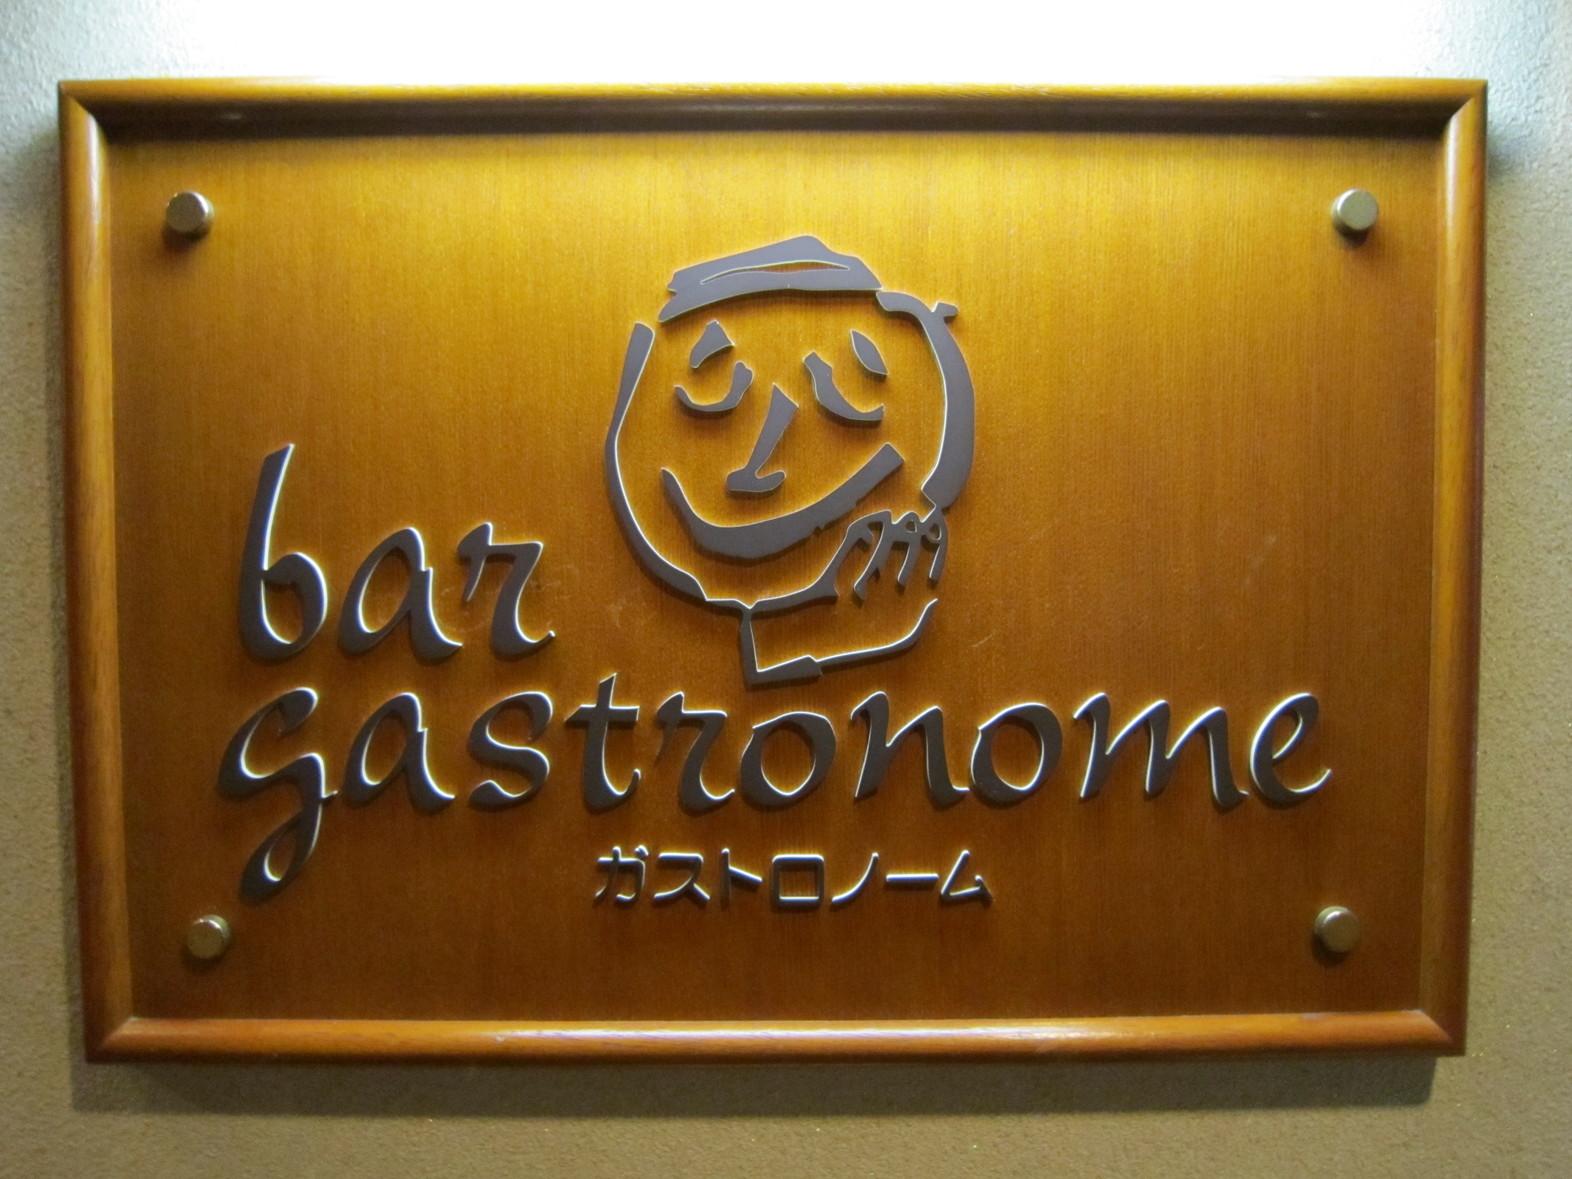 ガストロノーム